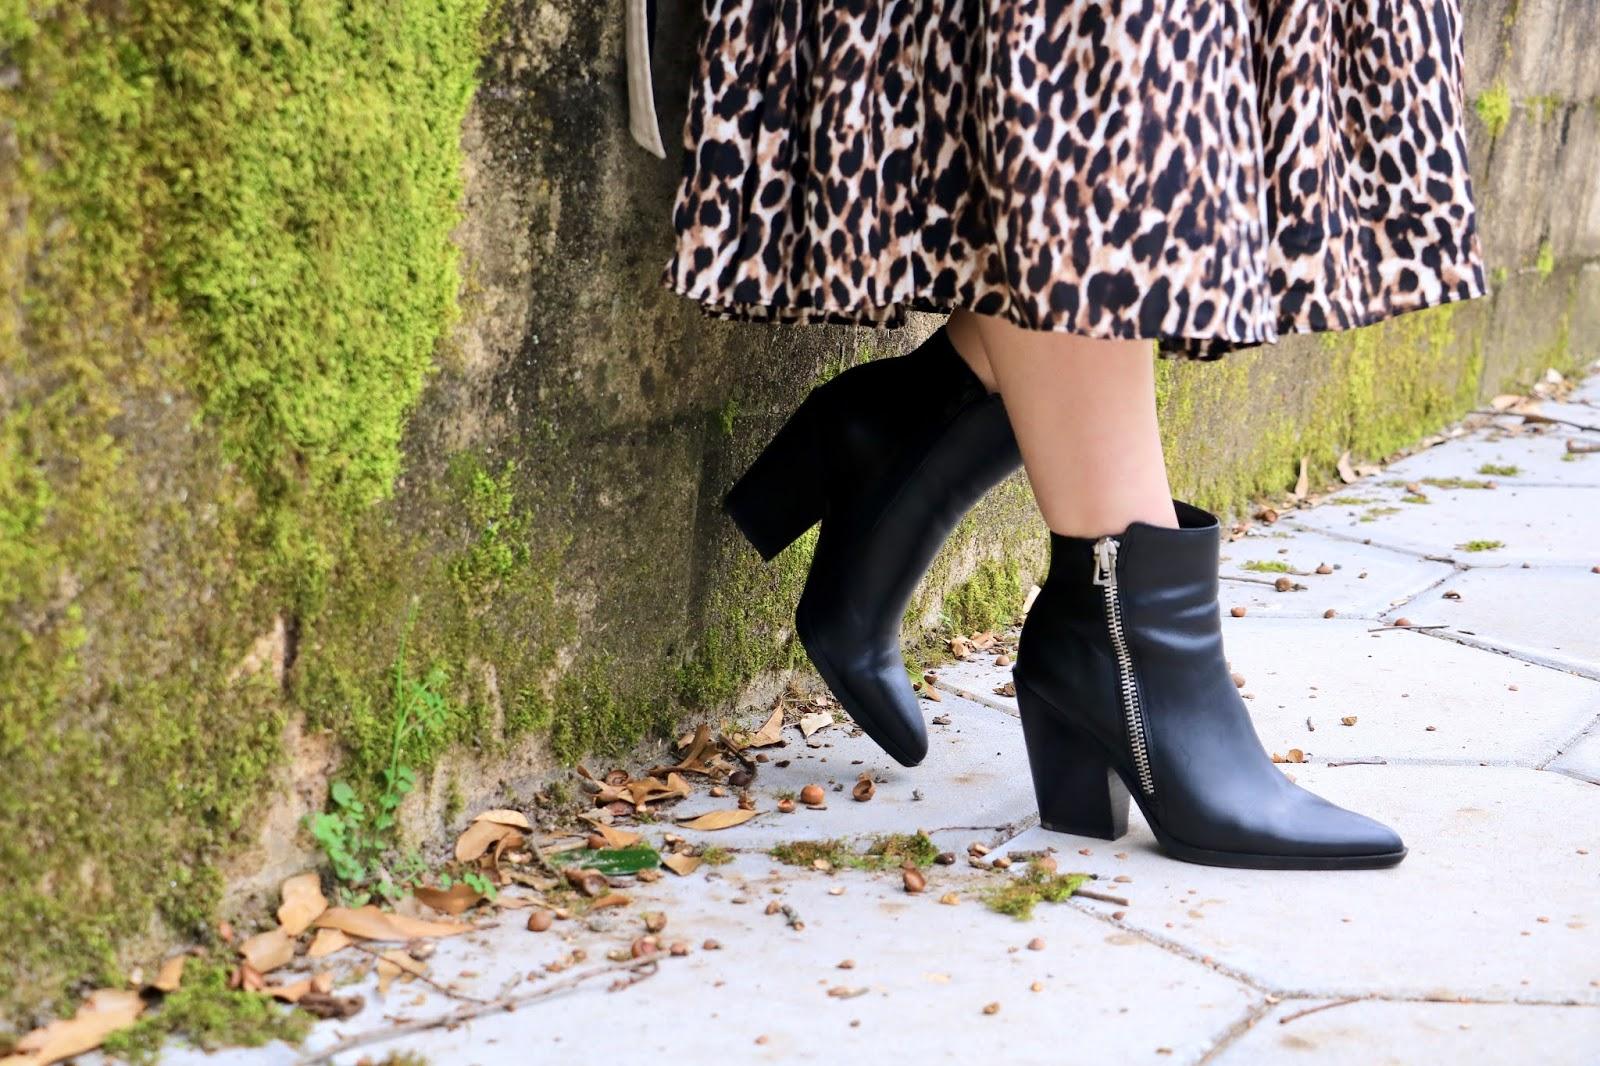 Nyc fashion blogger Kathleen Harper wearing Naturalizer black booties.